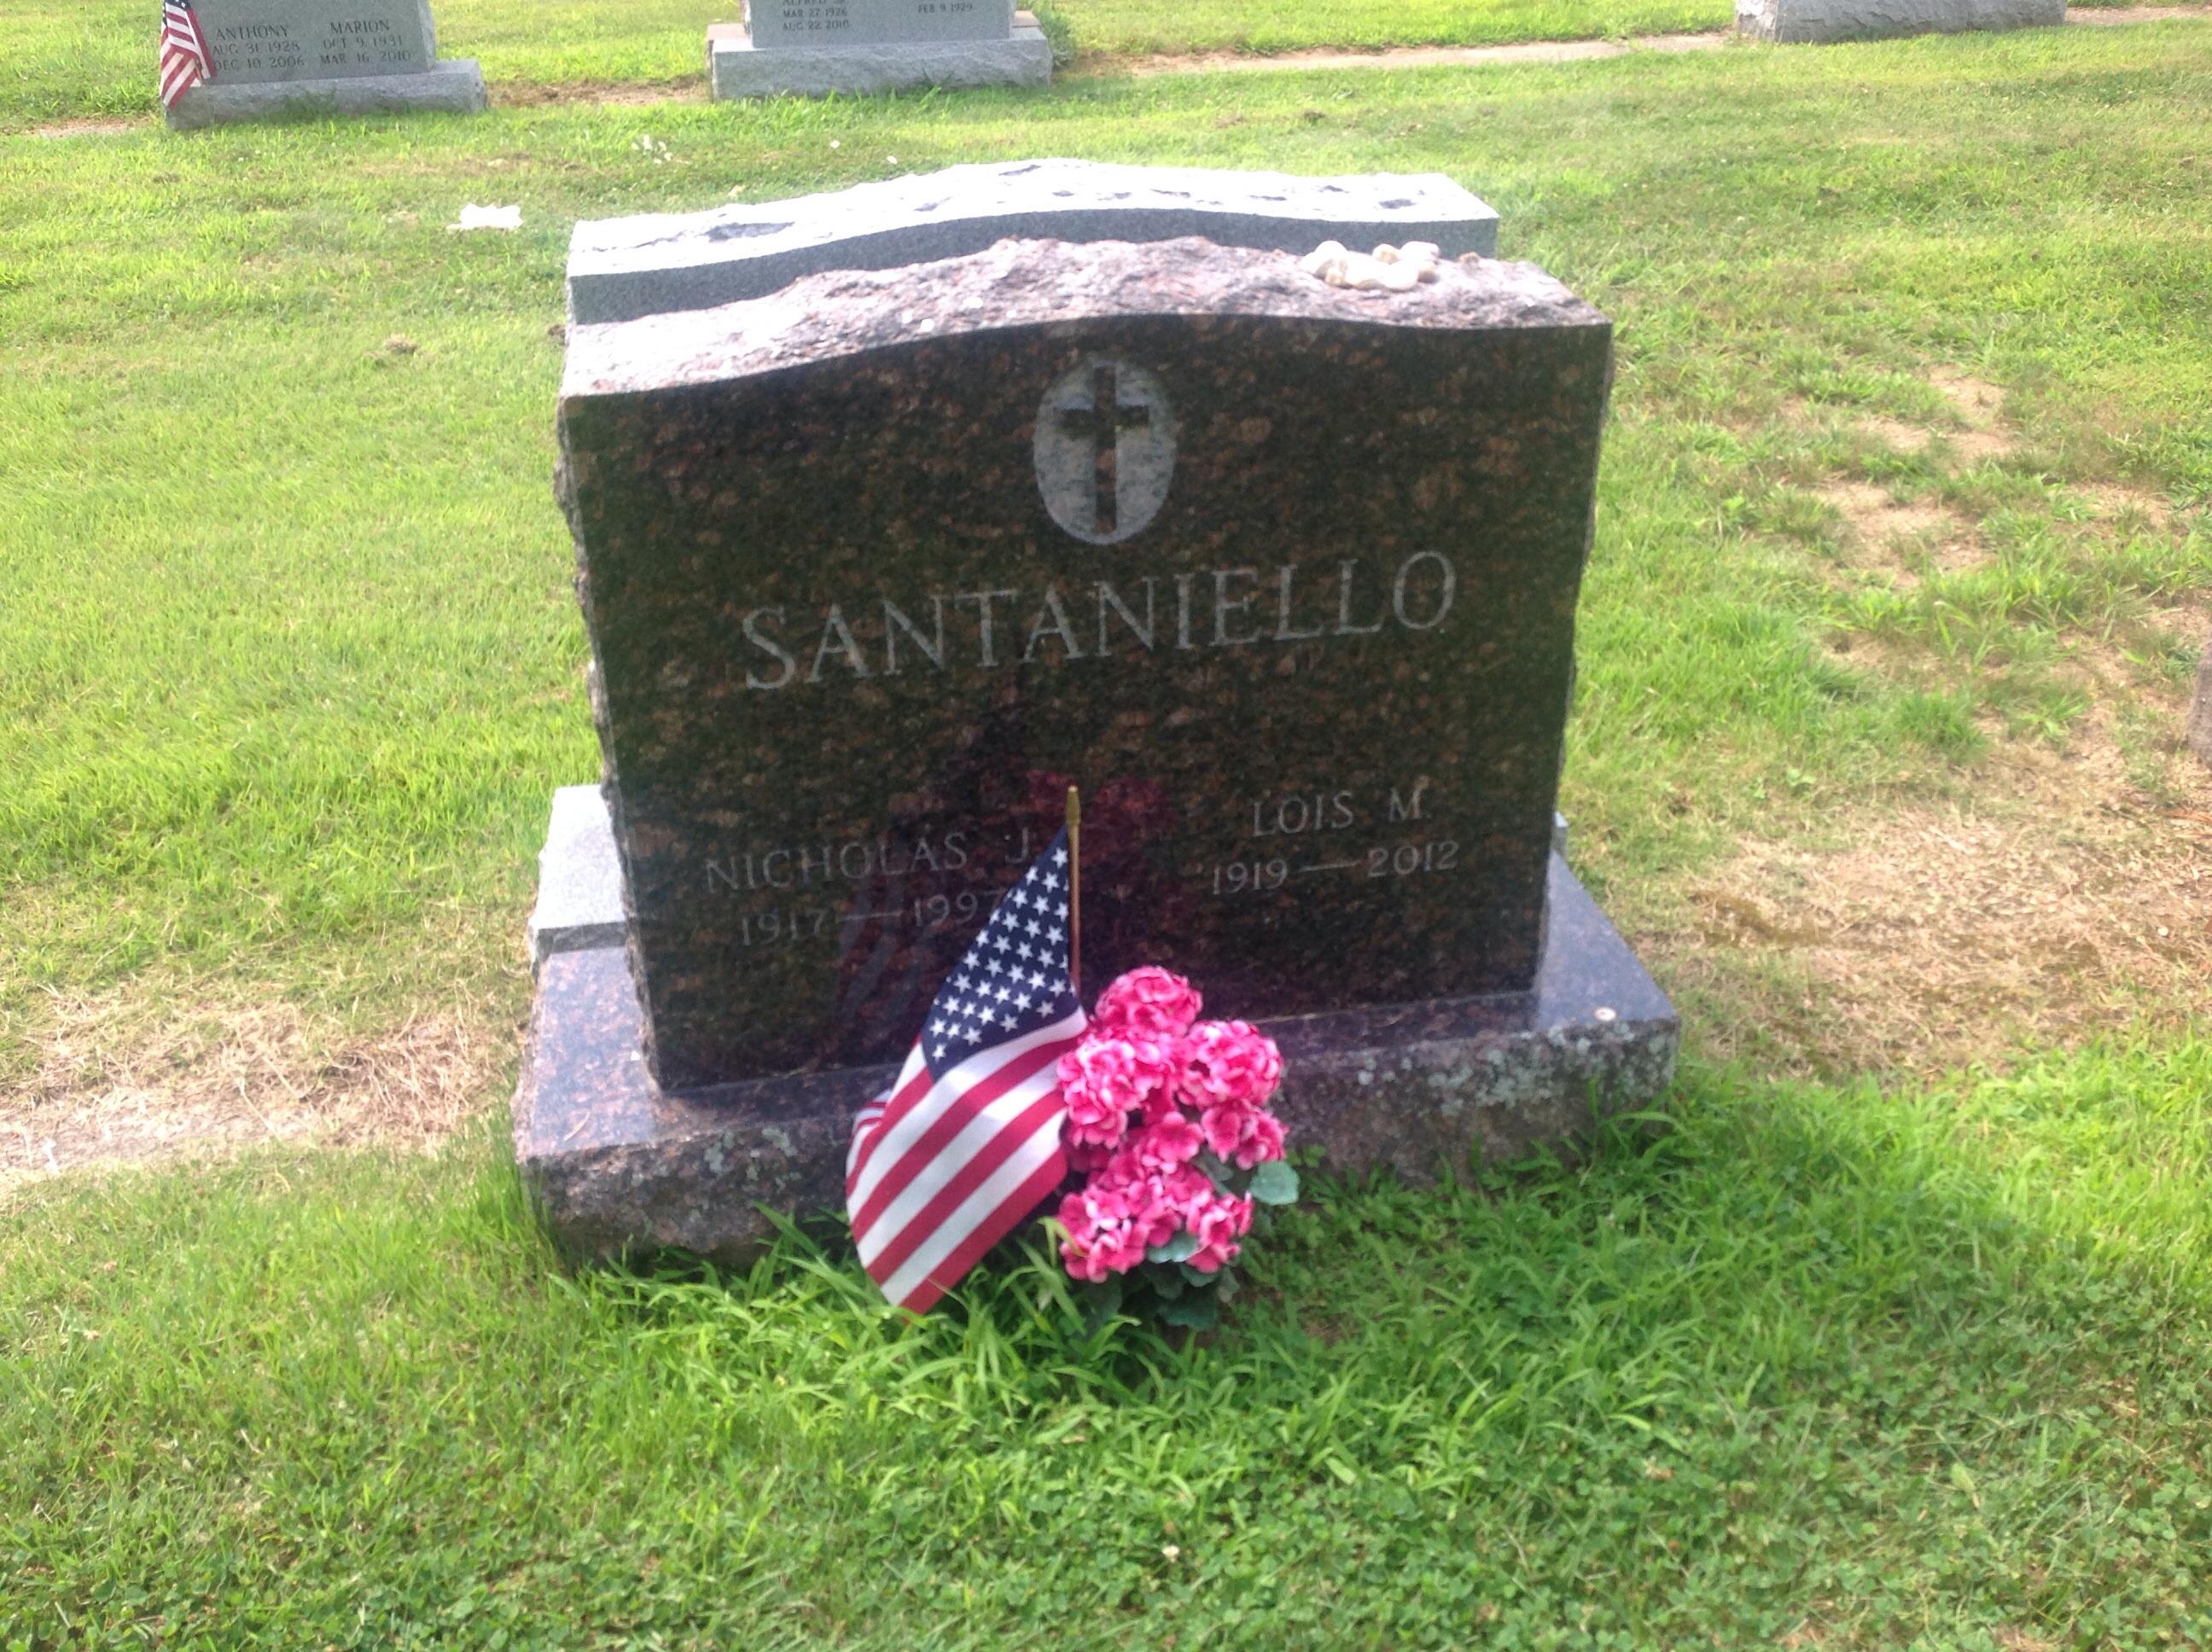 Andrew Julio Santaniello